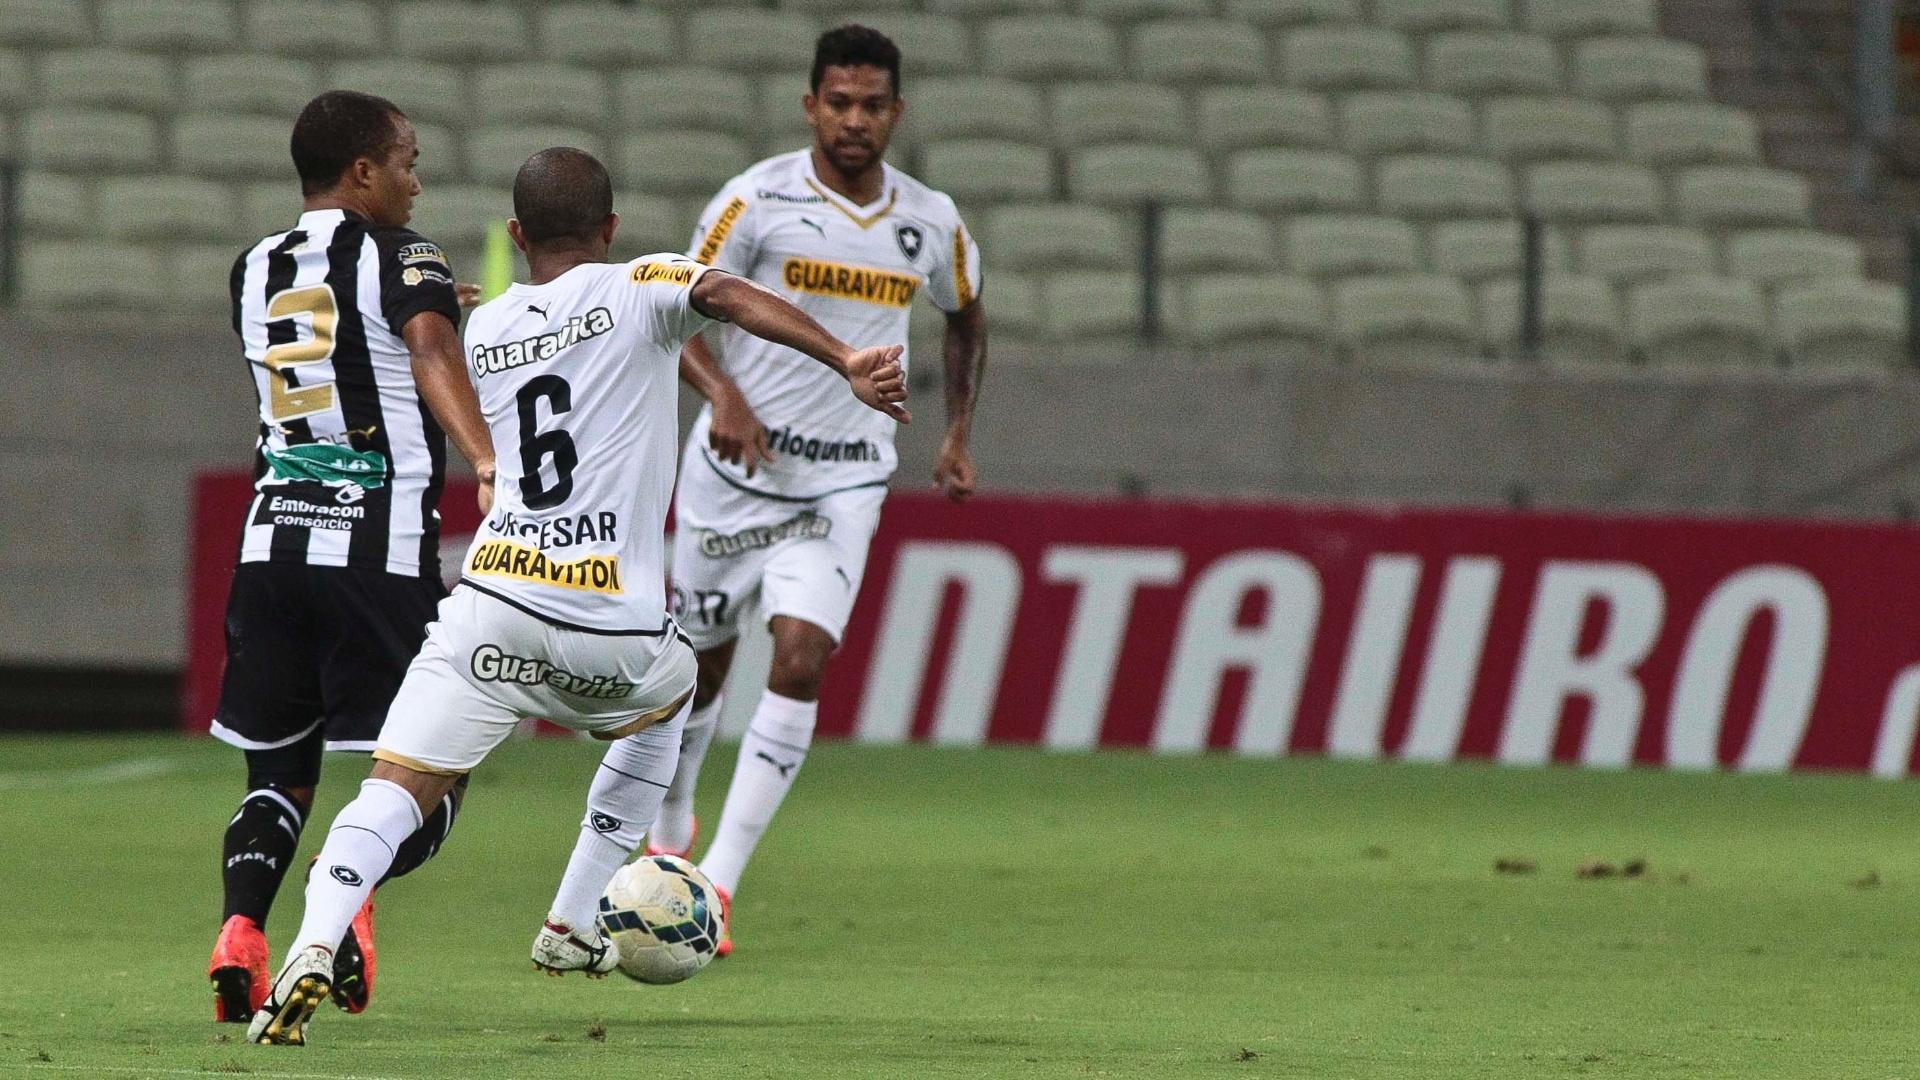 Júlio César tenta desarmar jogador do Ceará em partida do Botafogo pela Copa do Brasil